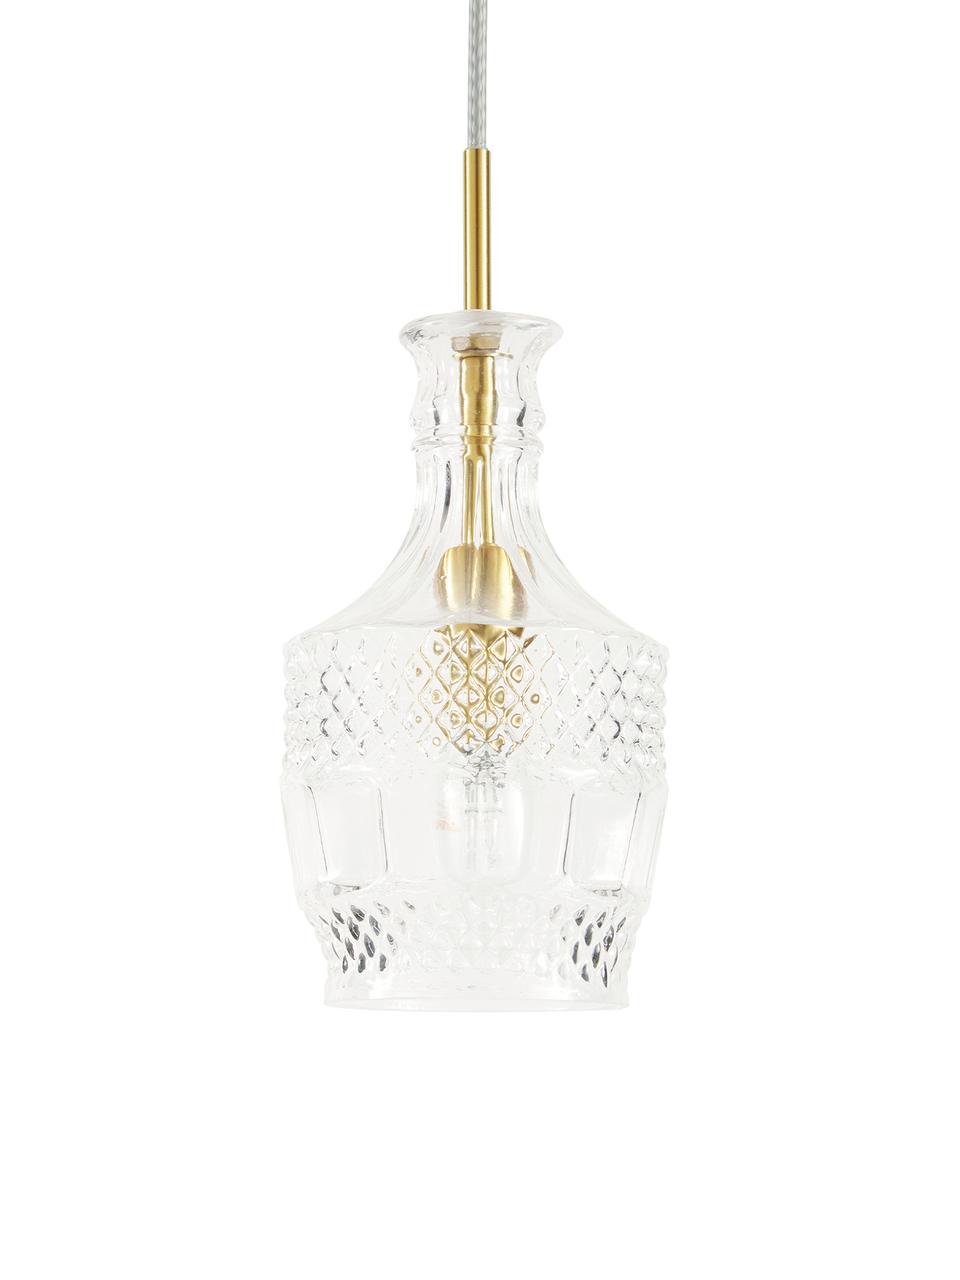 Malé závěsné svítidlo ze skla Brussels, Transparentní, zlatá